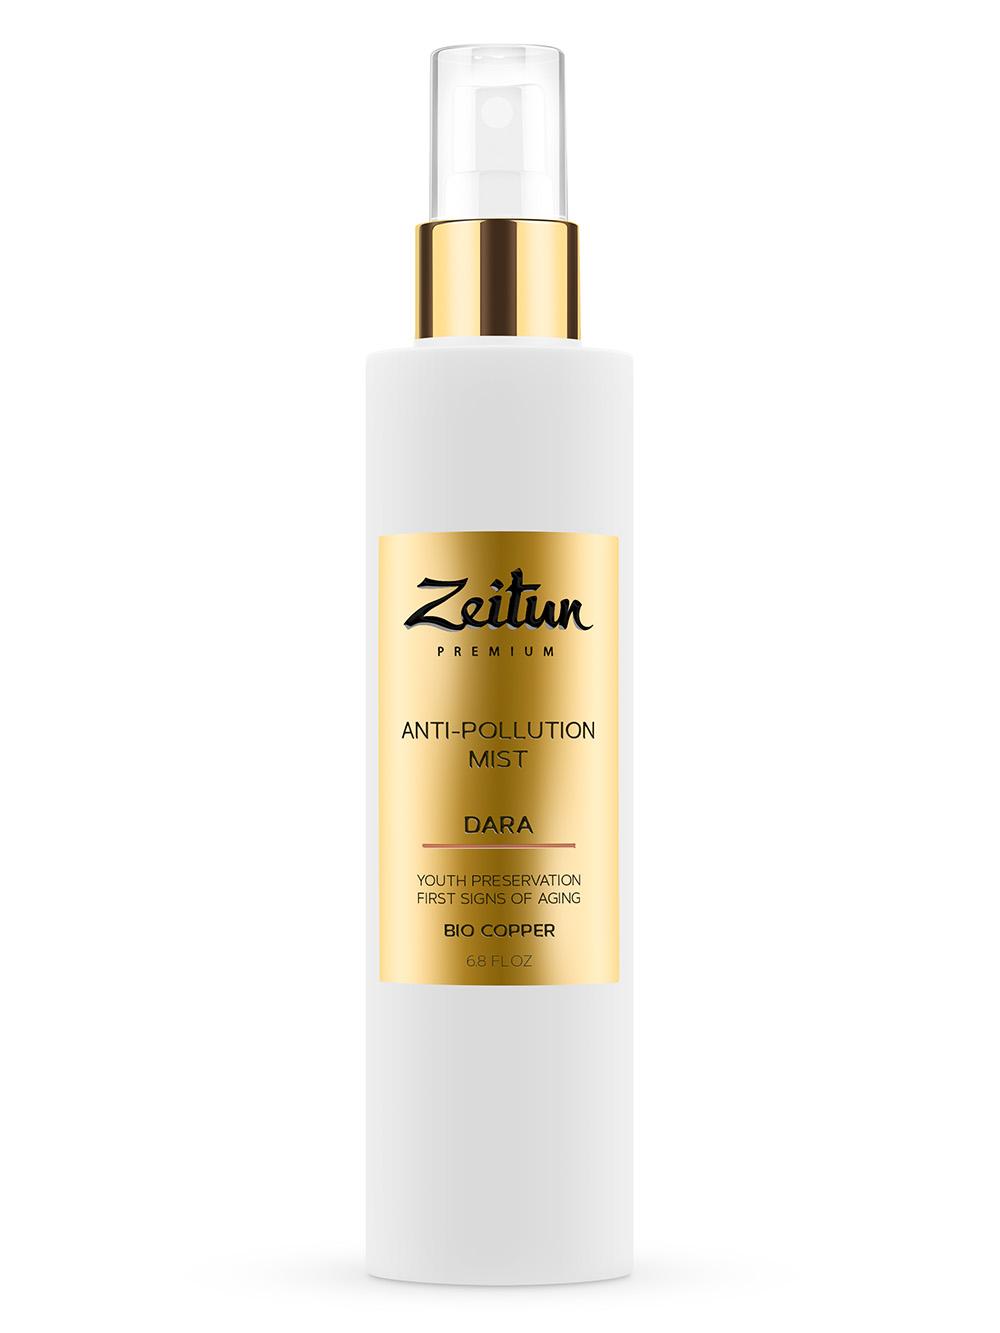 ZEITUN Тоник-мист защитный для сохранения молодости кожи с био-медью / Dara 200 мл